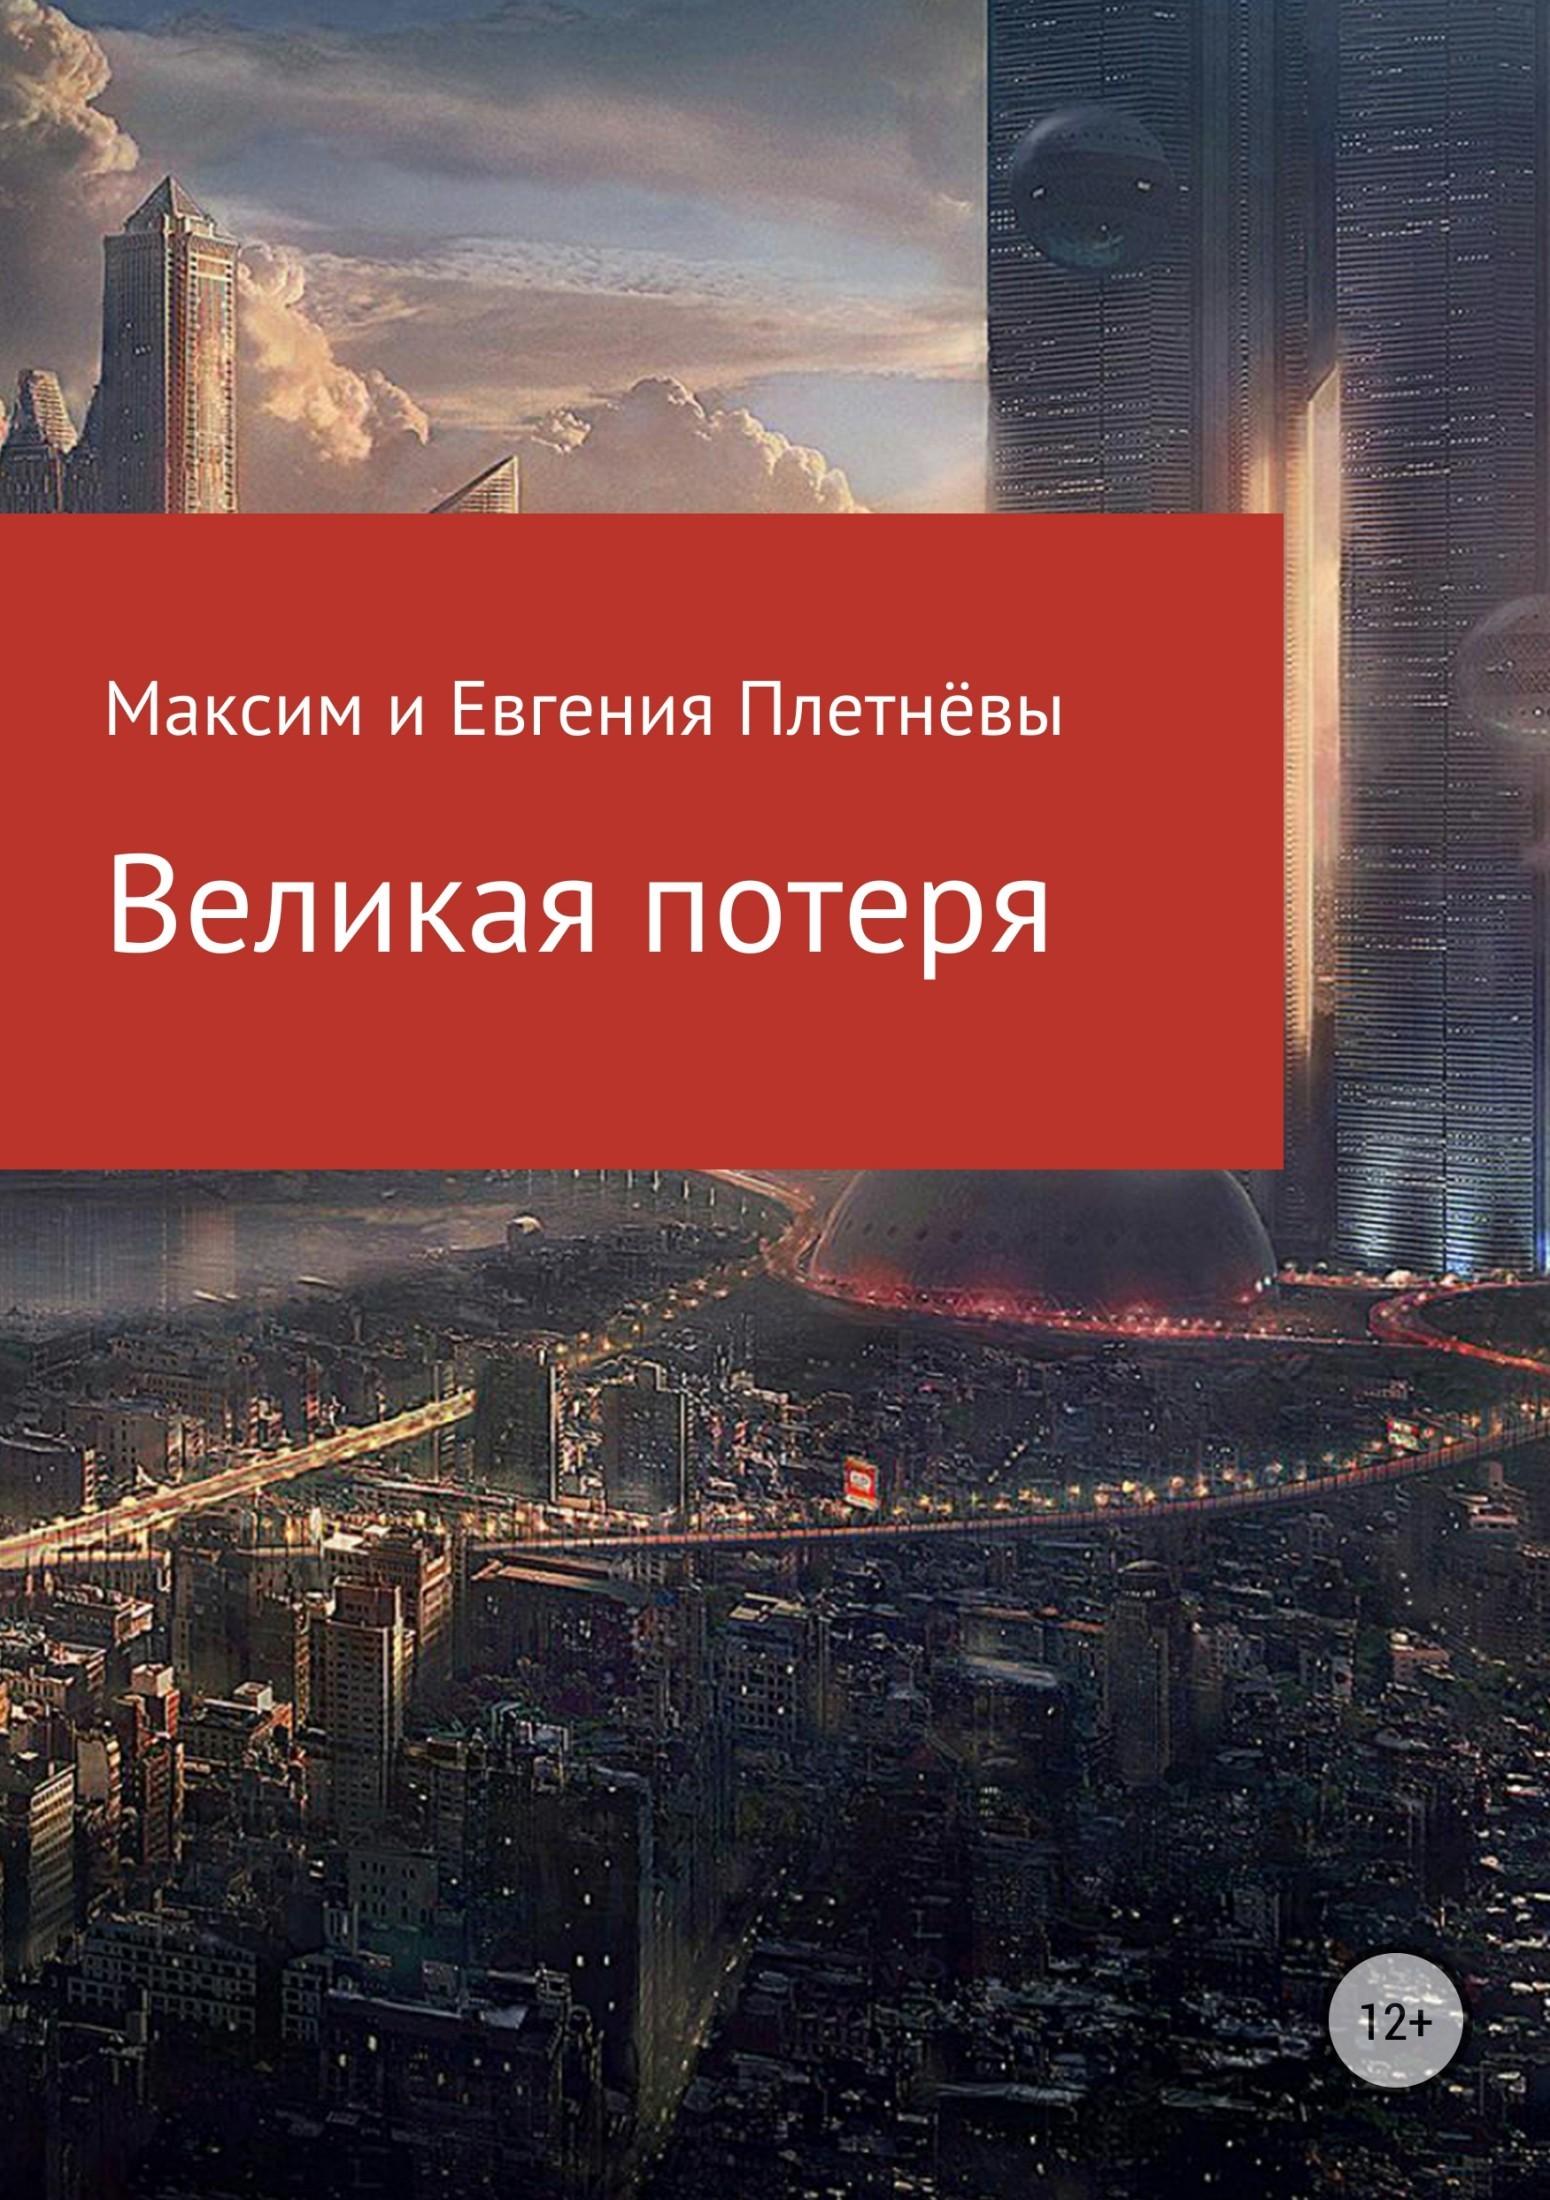 velikaya poterya